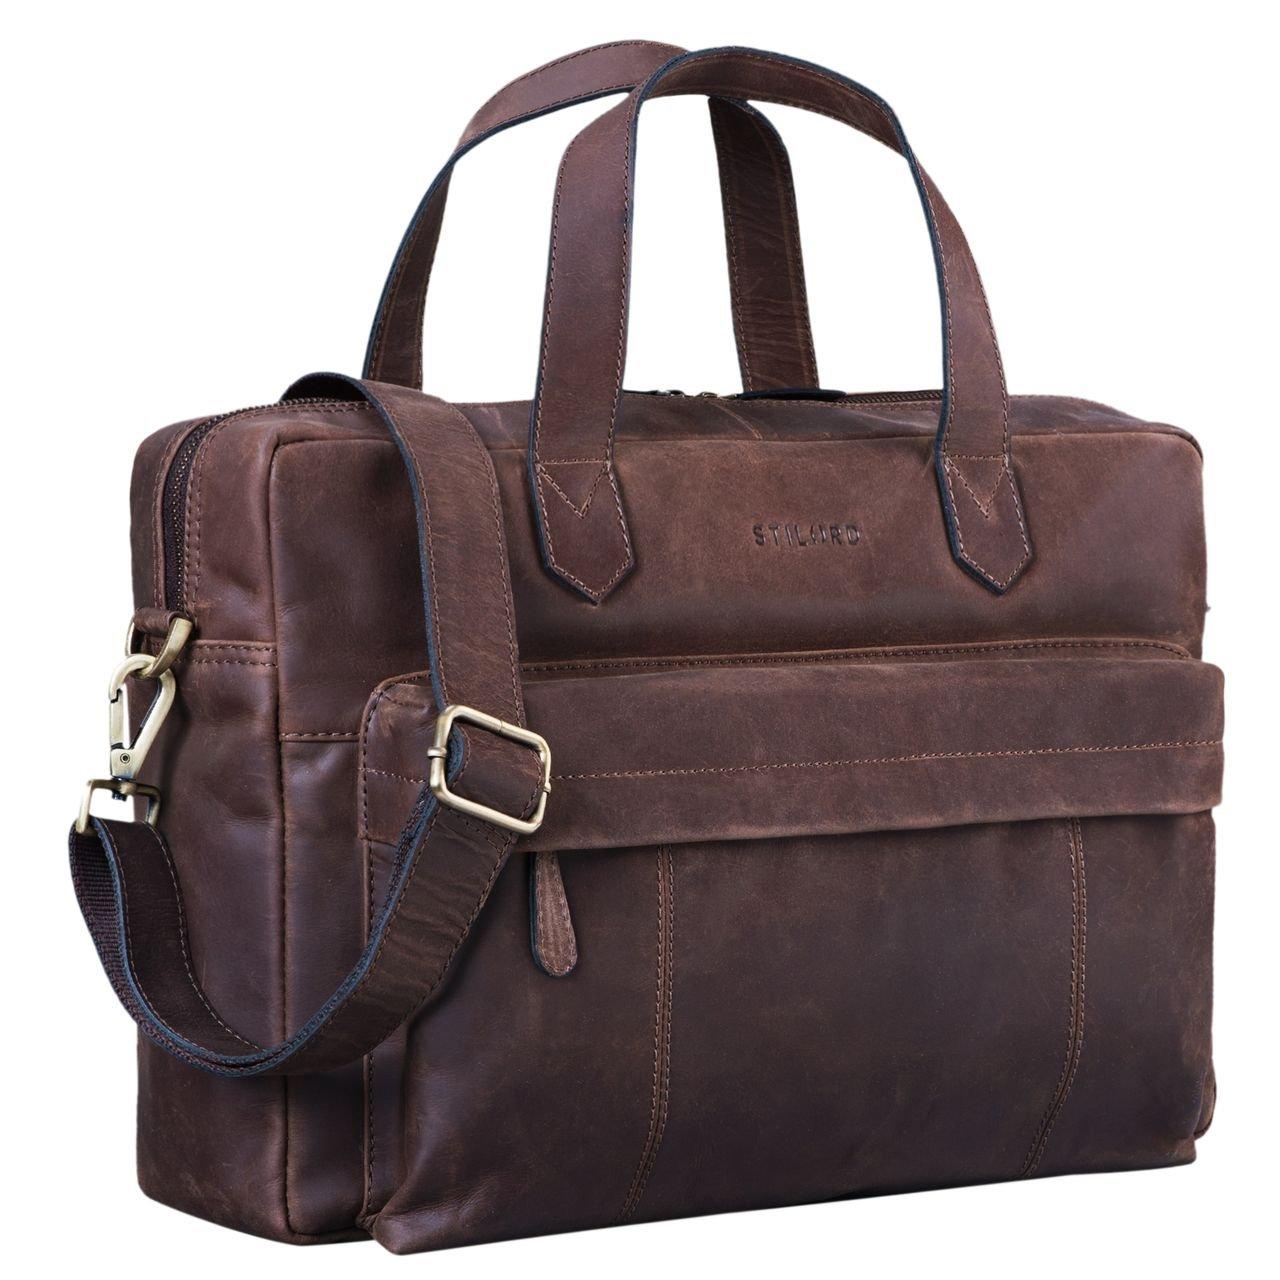 STILORD 'Erich' Vintage Leder Bürotasche große Umhängetasche für Herren und Damen mit 15.6 Zoll Laptop-Fach Elegante Aktentasche DIN A4 für Business Arbeit Uni, Farbe:Cordoba - braun